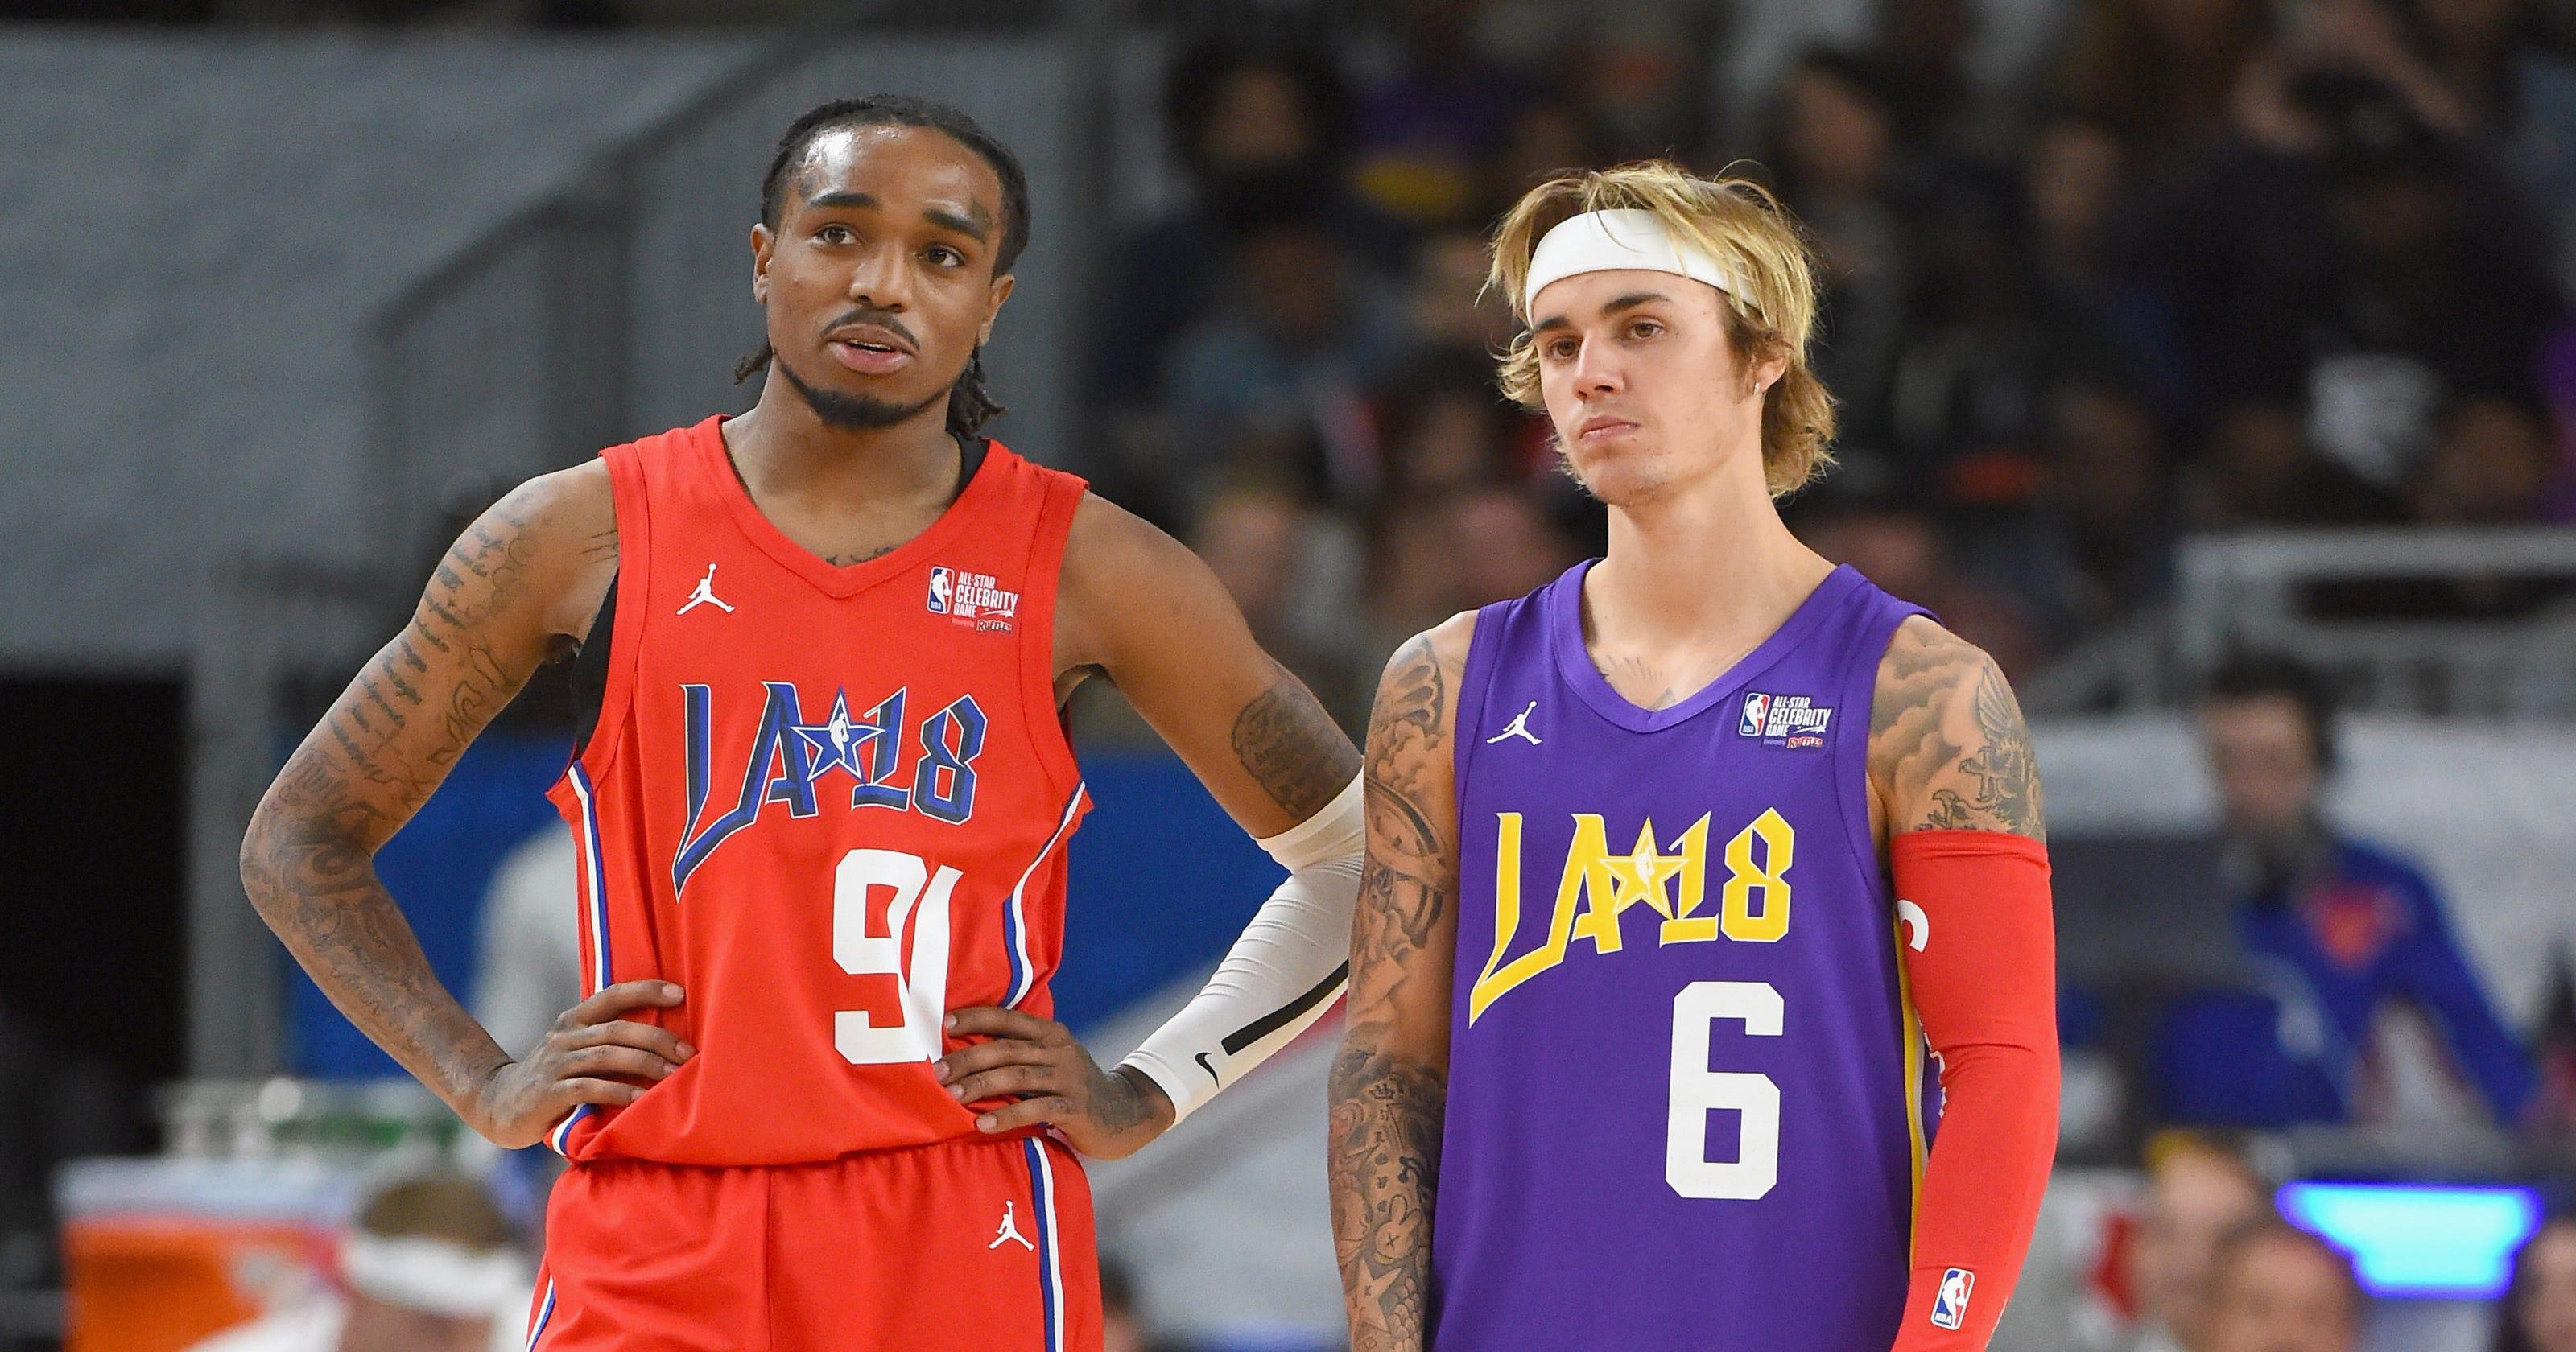 Watch Quavo score a layup on Justin Bieber in Celebrity Game 5b393a04b